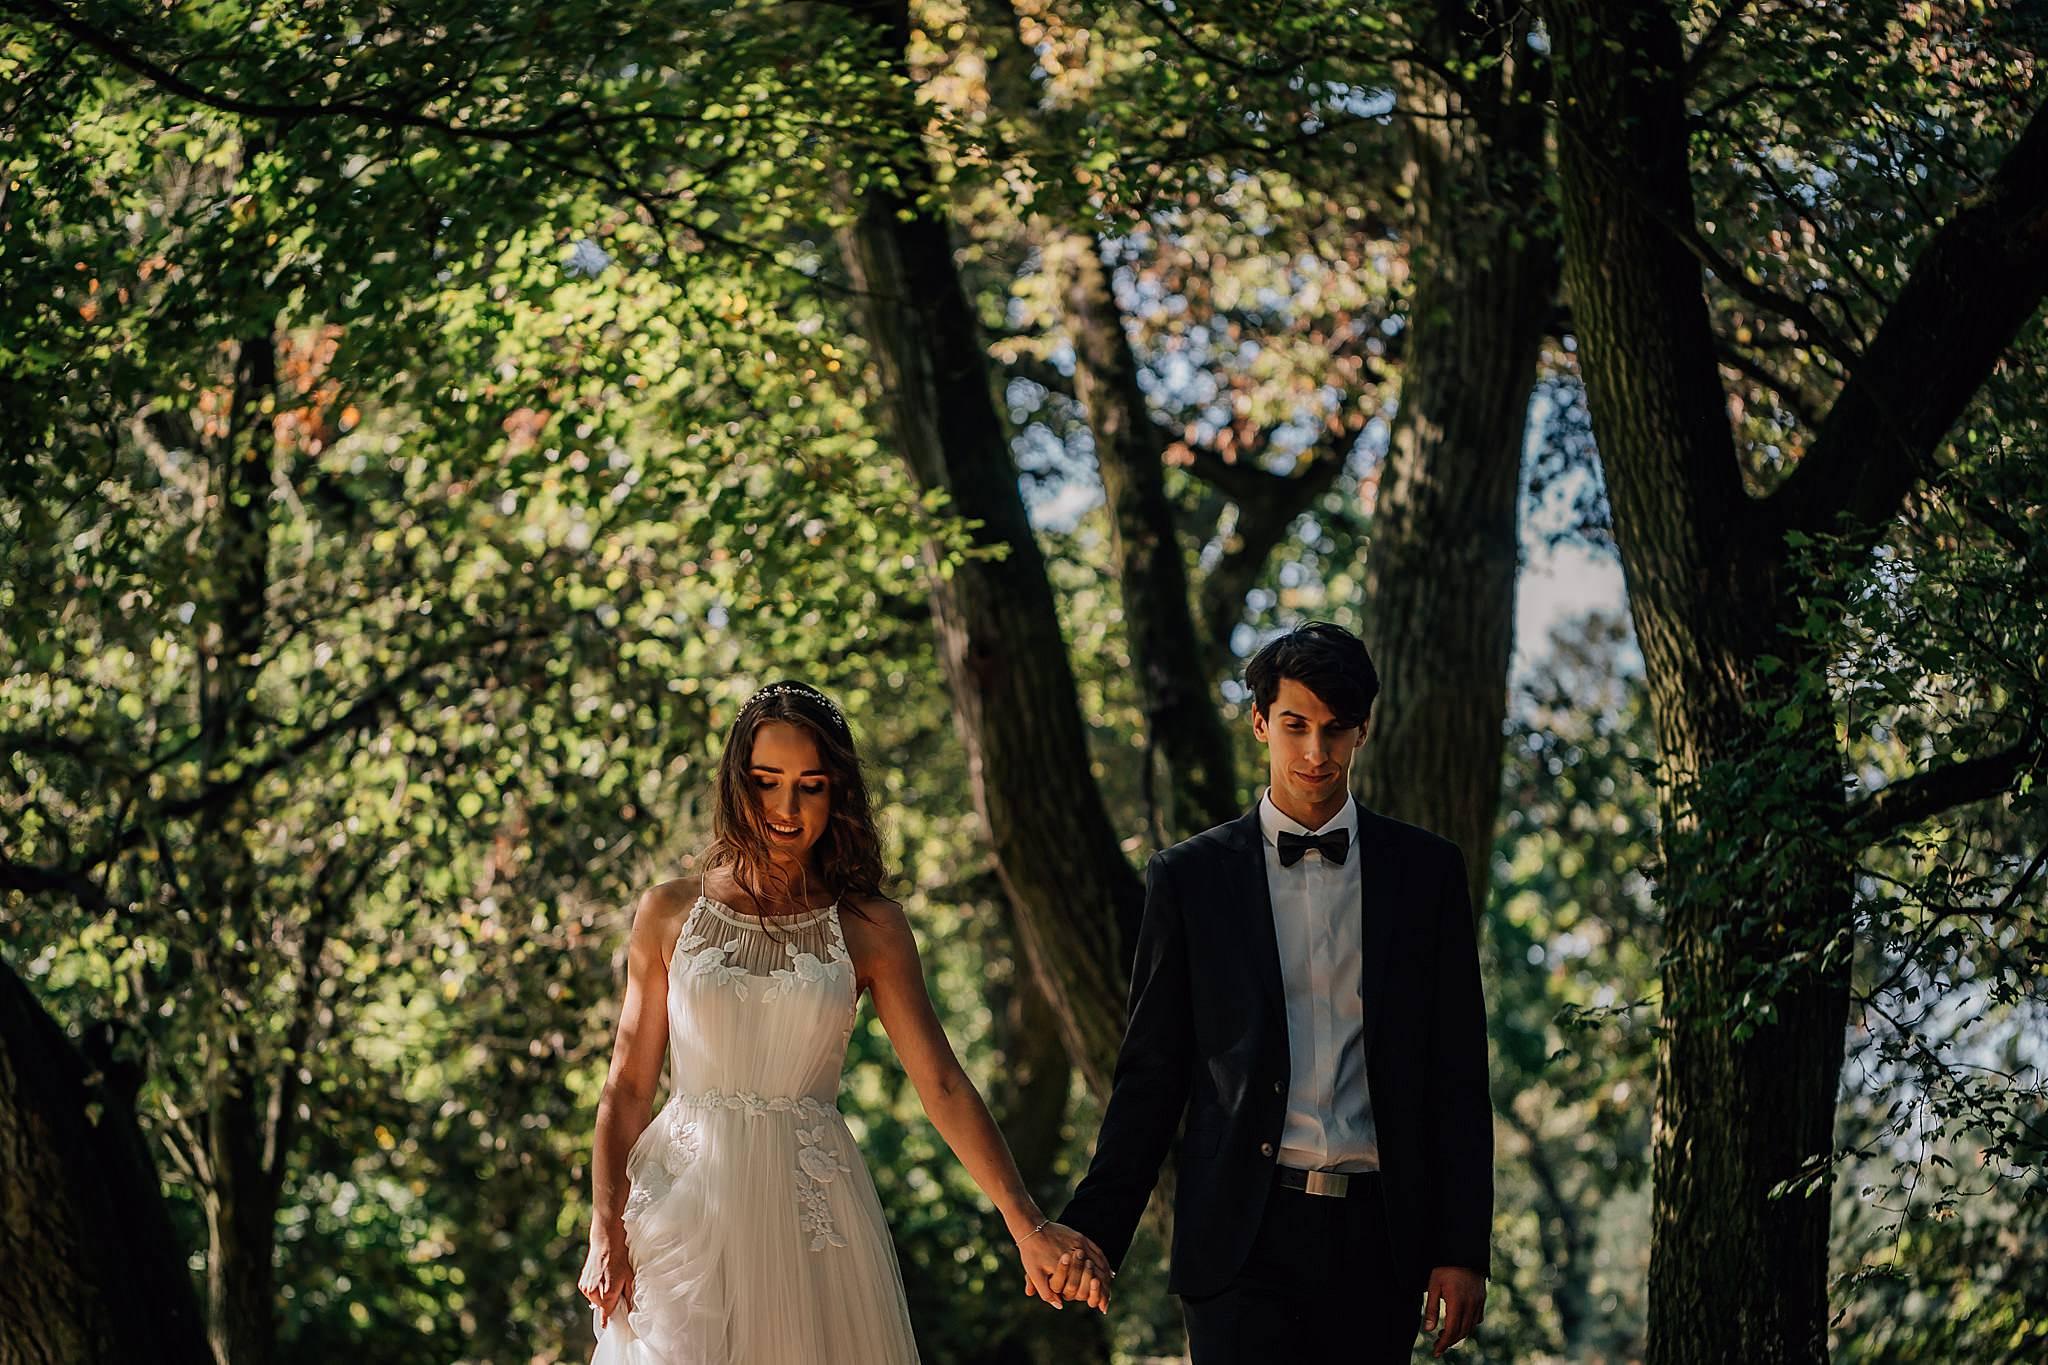 2018,AndrzejewskiPawel,Fotografiaslubna,PałacRogalin,Rogalin,Weddingphotography,www.andrzejewskipawel.com,